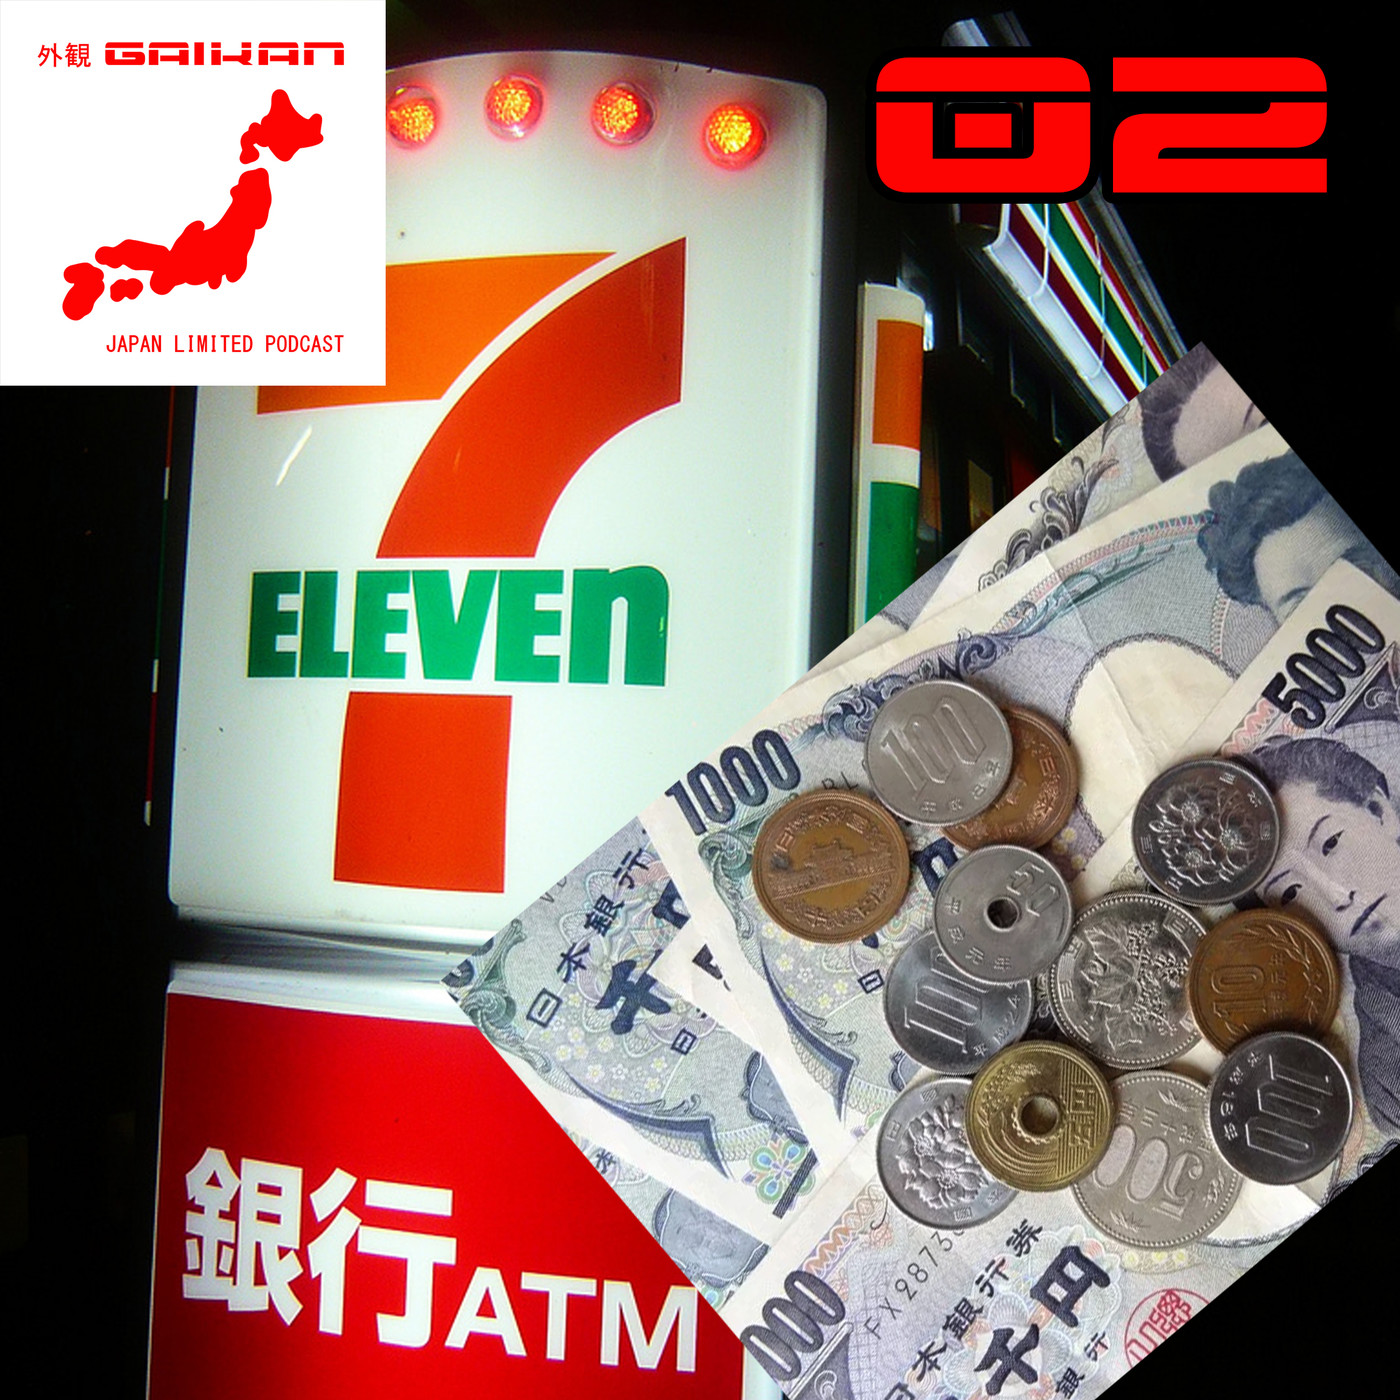 podcast sobre japon como sacar dinero en japón nipón yenes cambio de monedo tarjetas consejos guía cajeros automaticos seven eleven